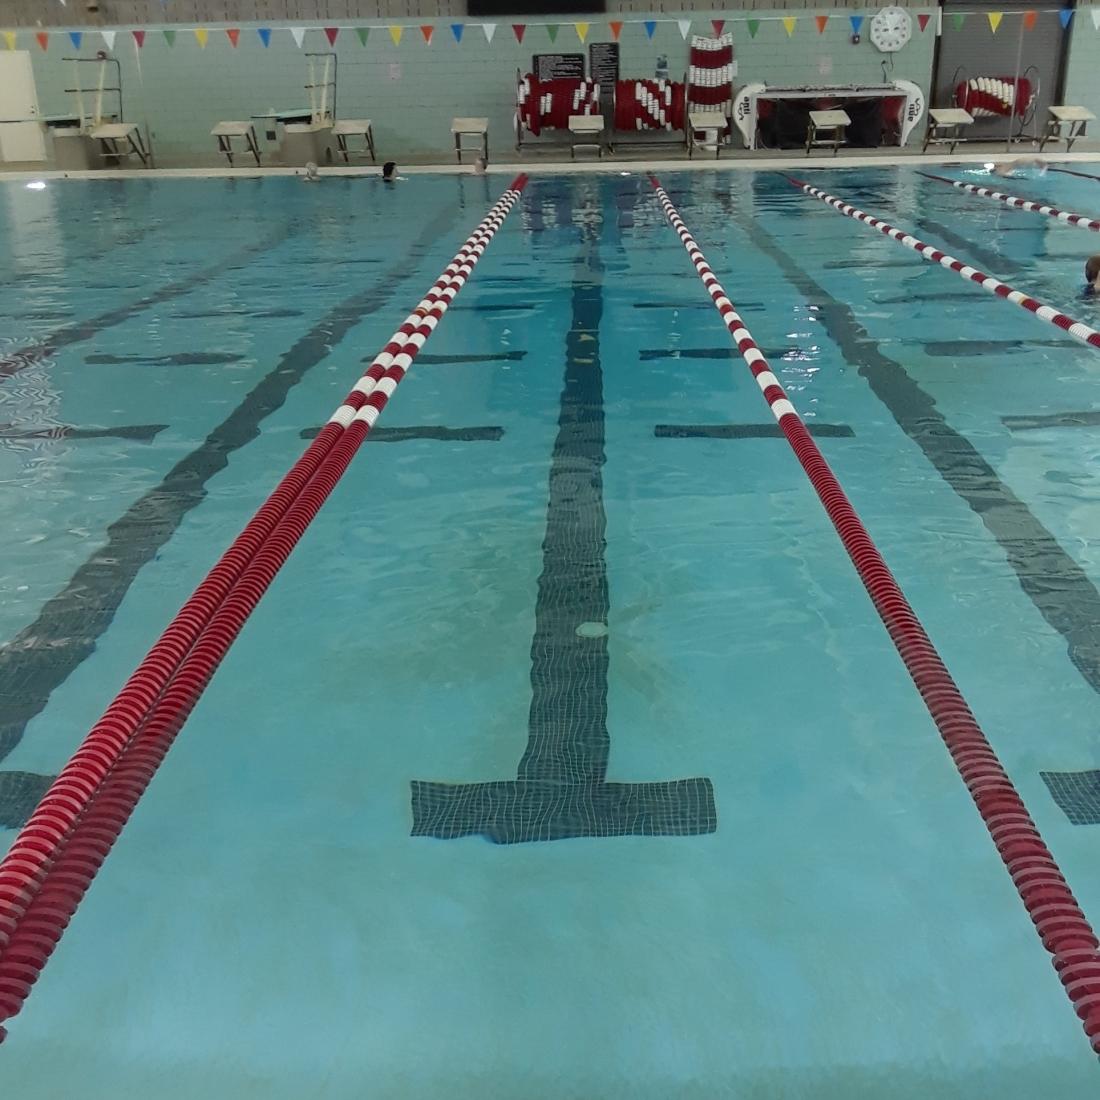 Swimming pool lap lane